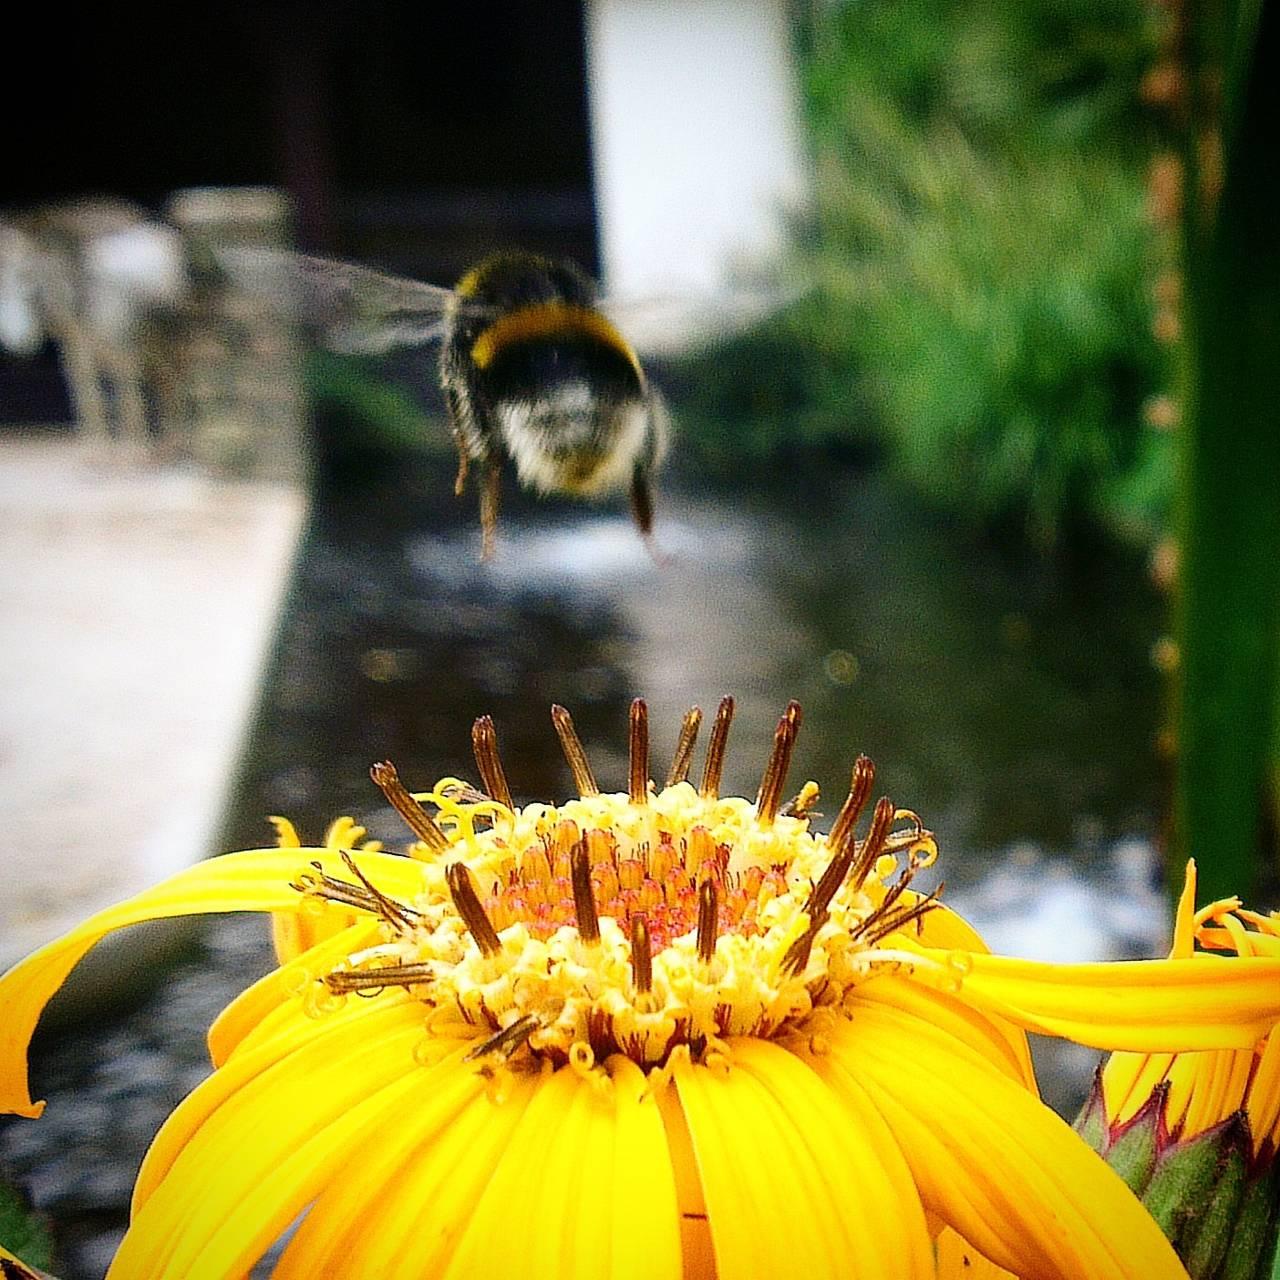 Bee super